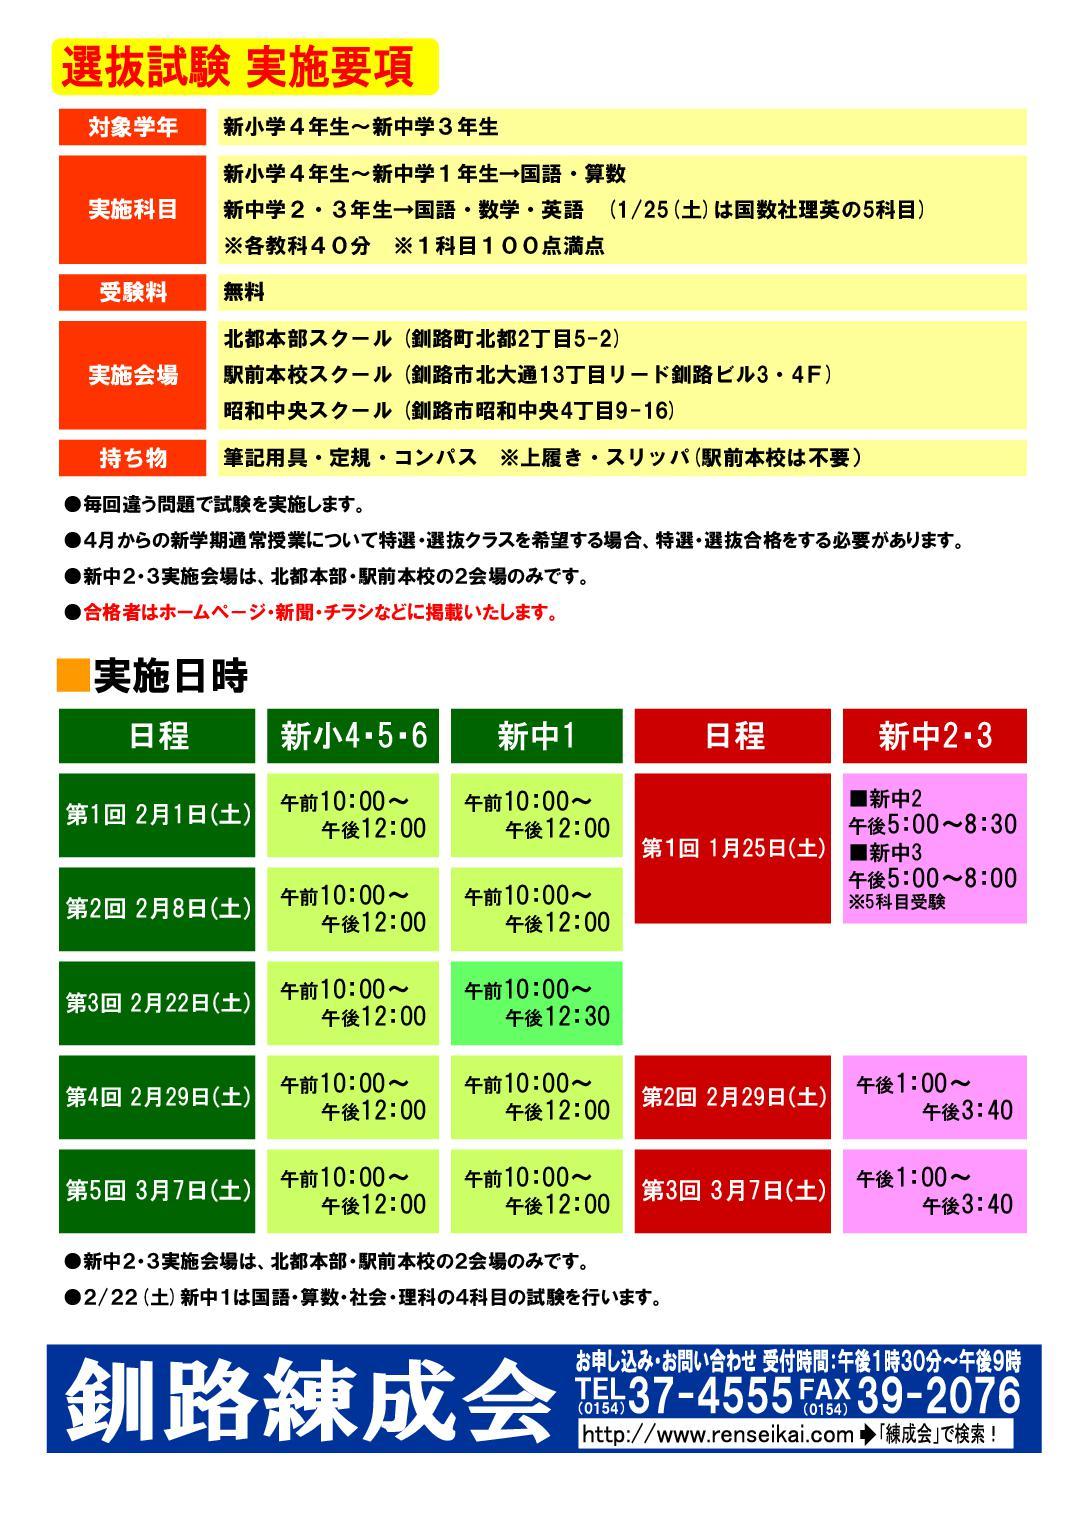 2020年選抜試験のご案内(ウラ).jpg